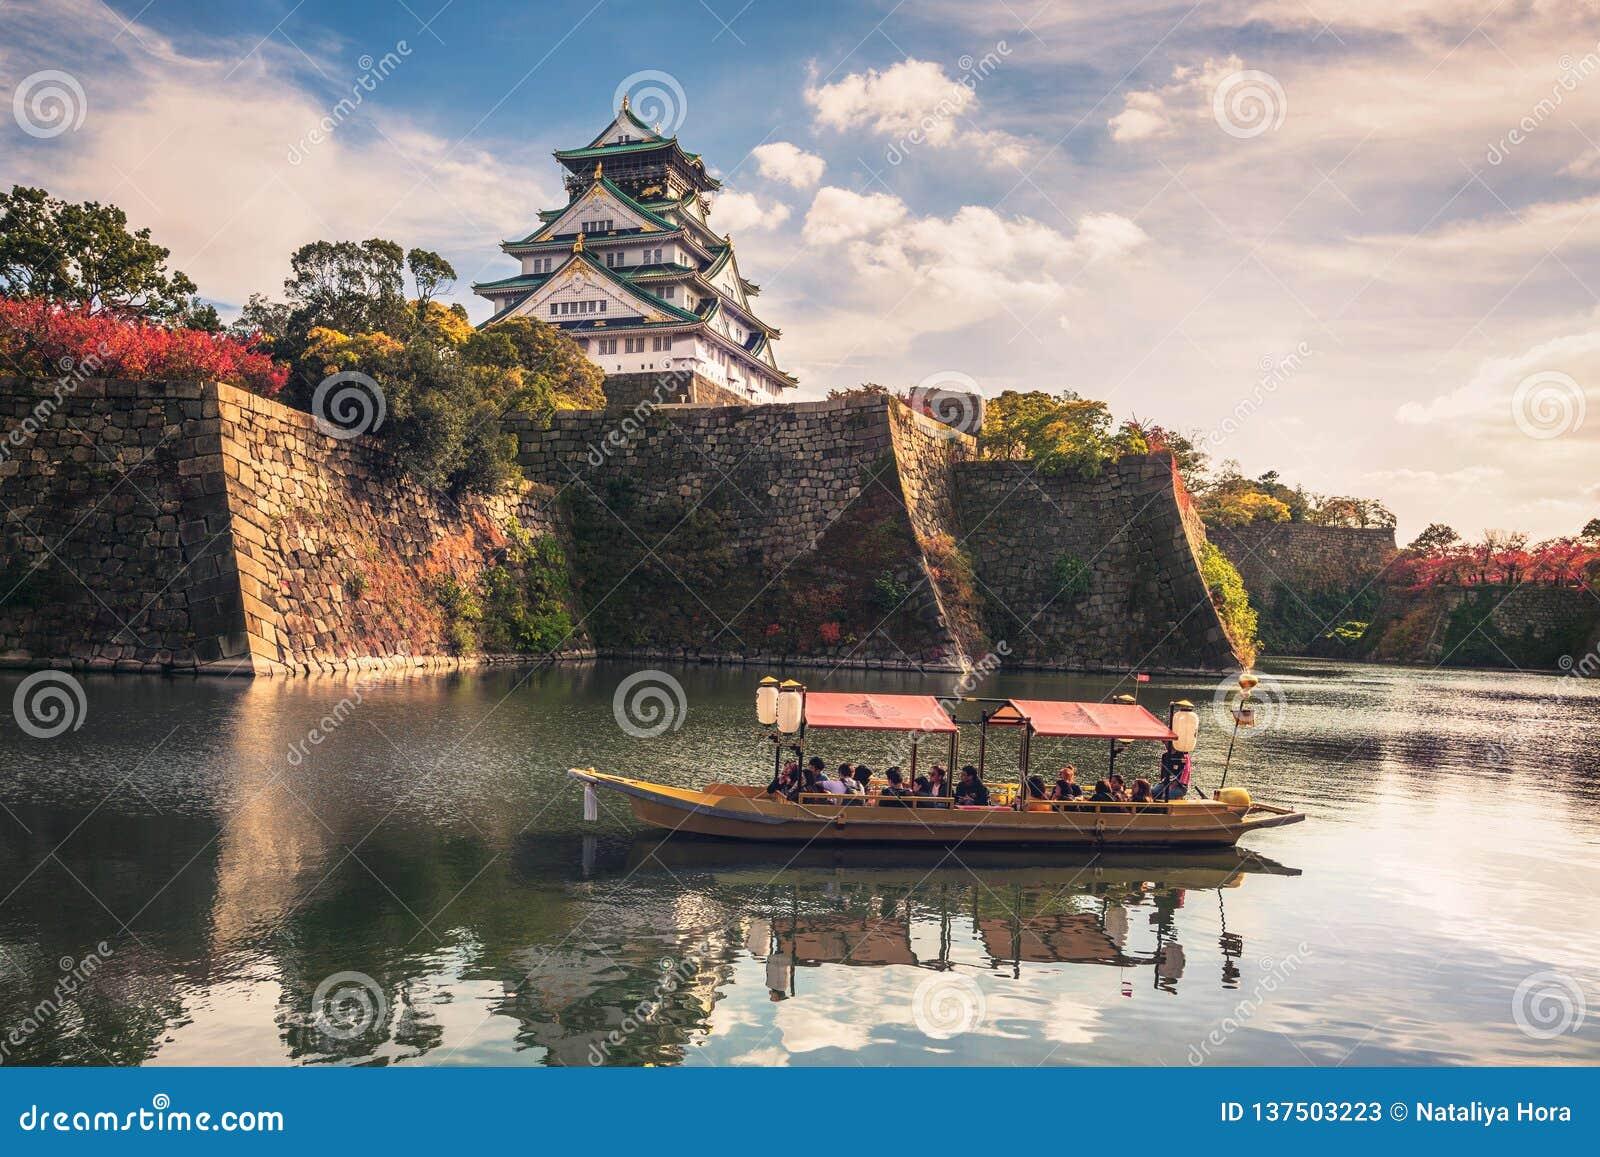 Touristische Boote mit Touristen entlang dem Burggraben von Osaka Castle, Osaka, Japan